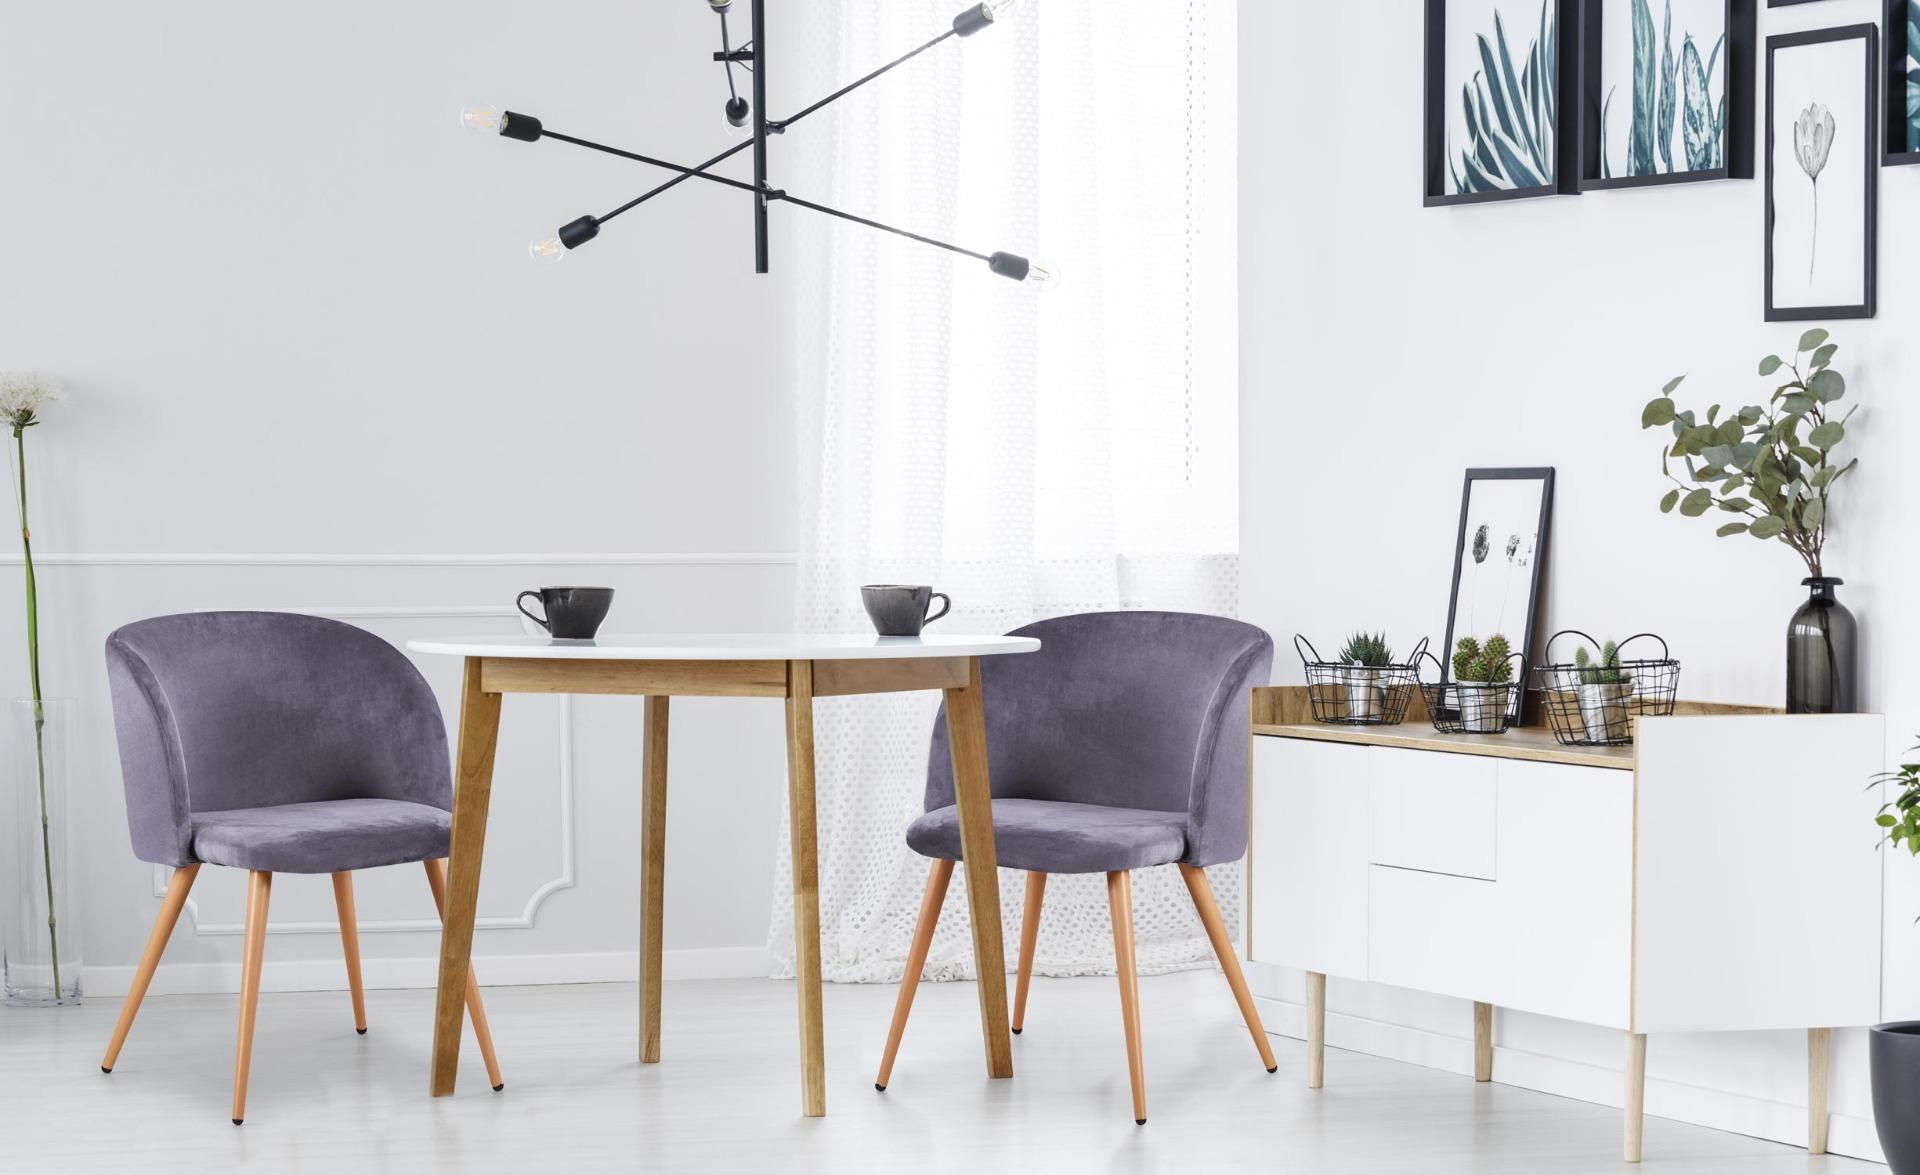 Lot de 2 chaises scandinaves Minima velours Gris